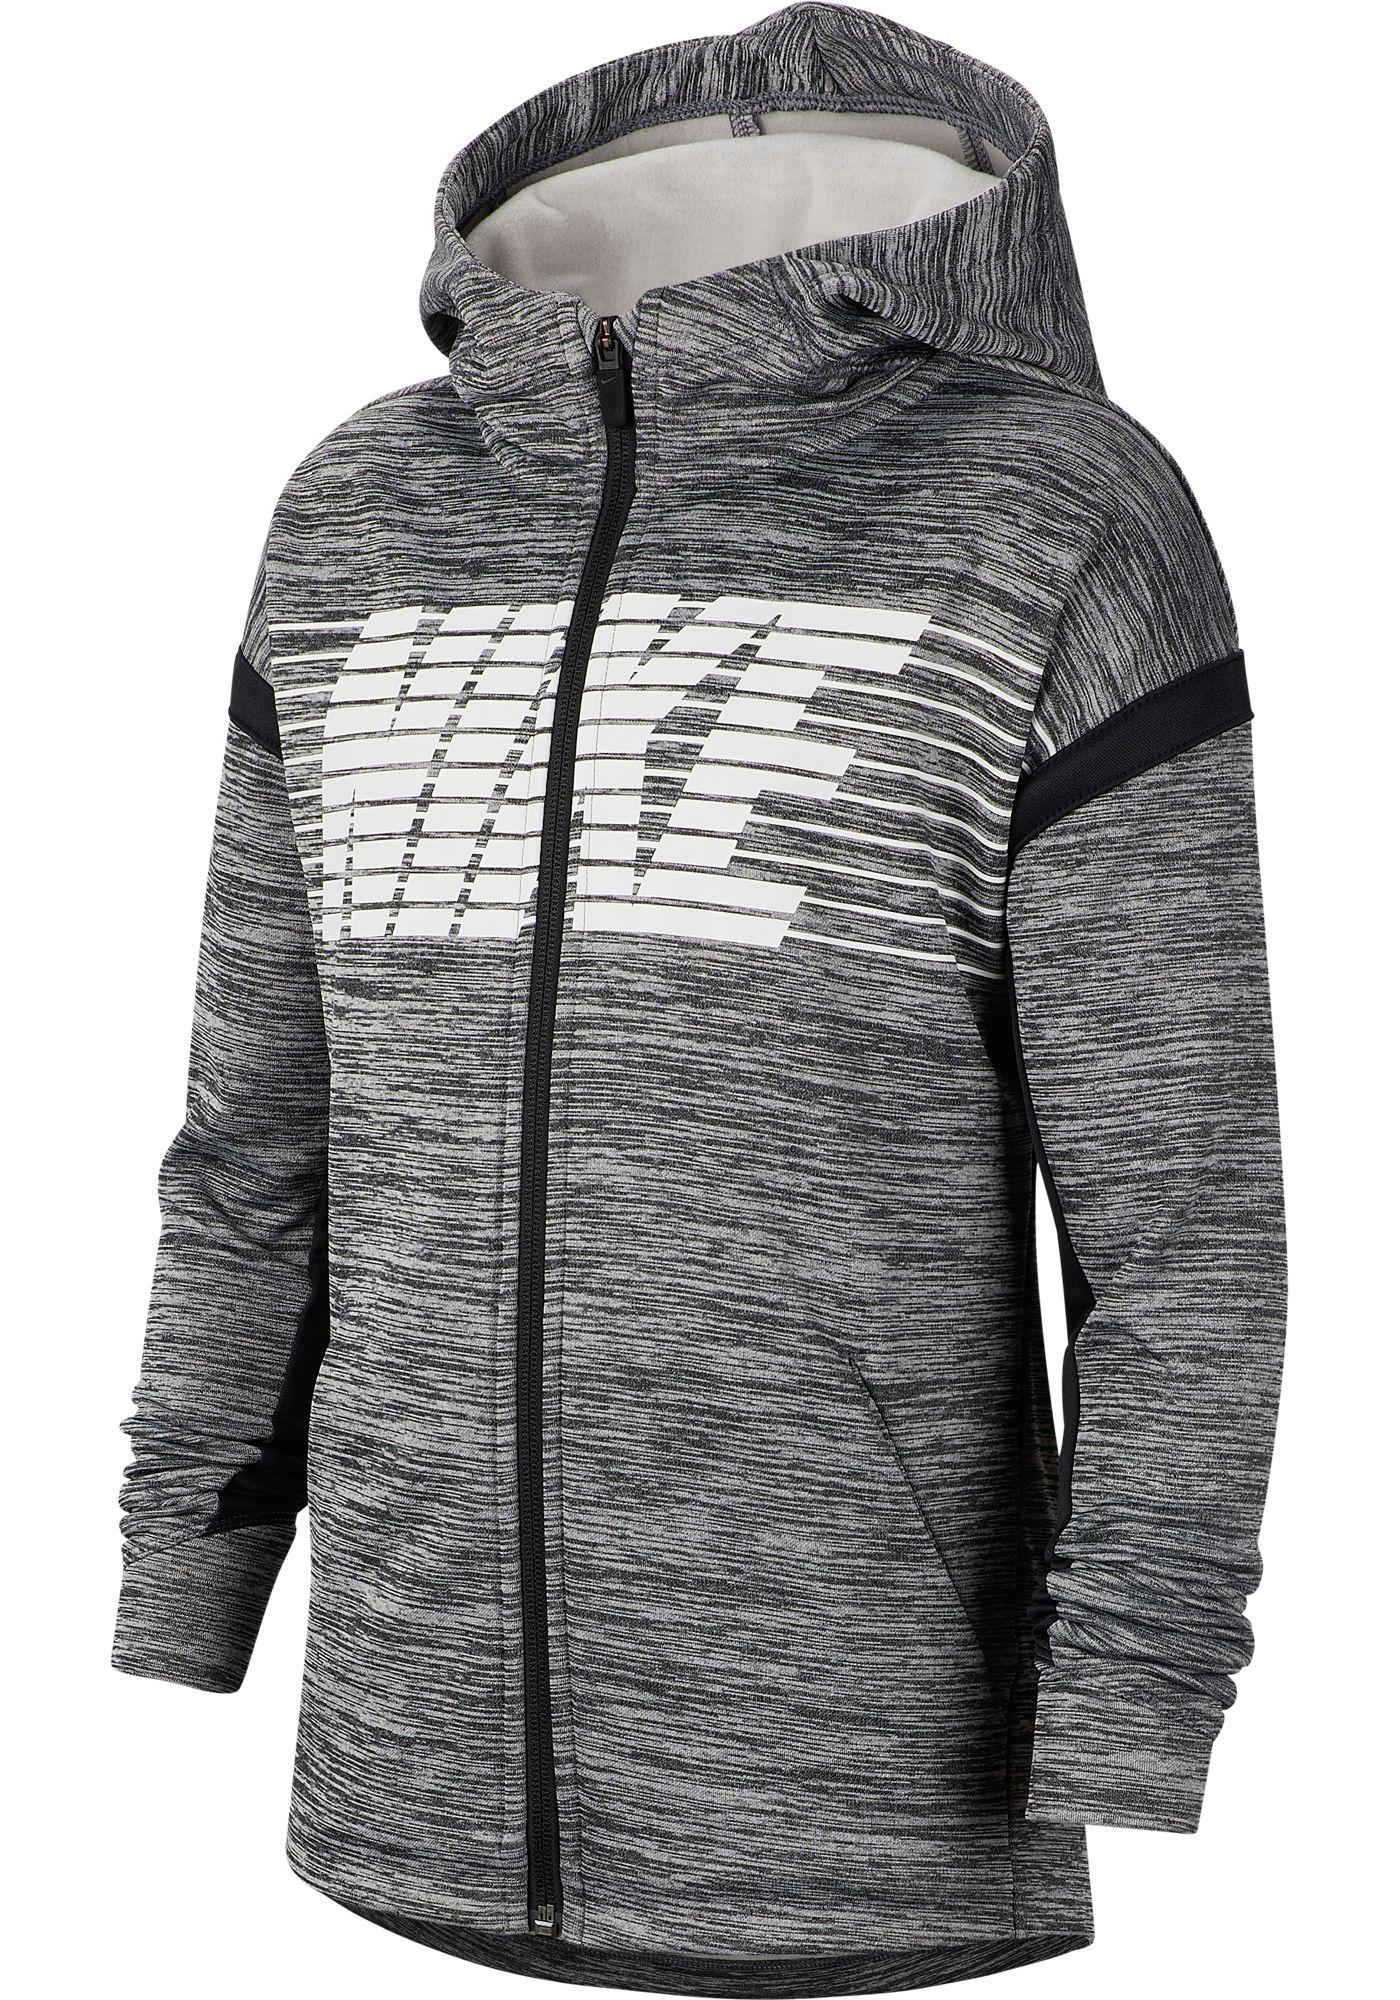 Nike Boys' Therma Graphic Full-Zip Hoodie